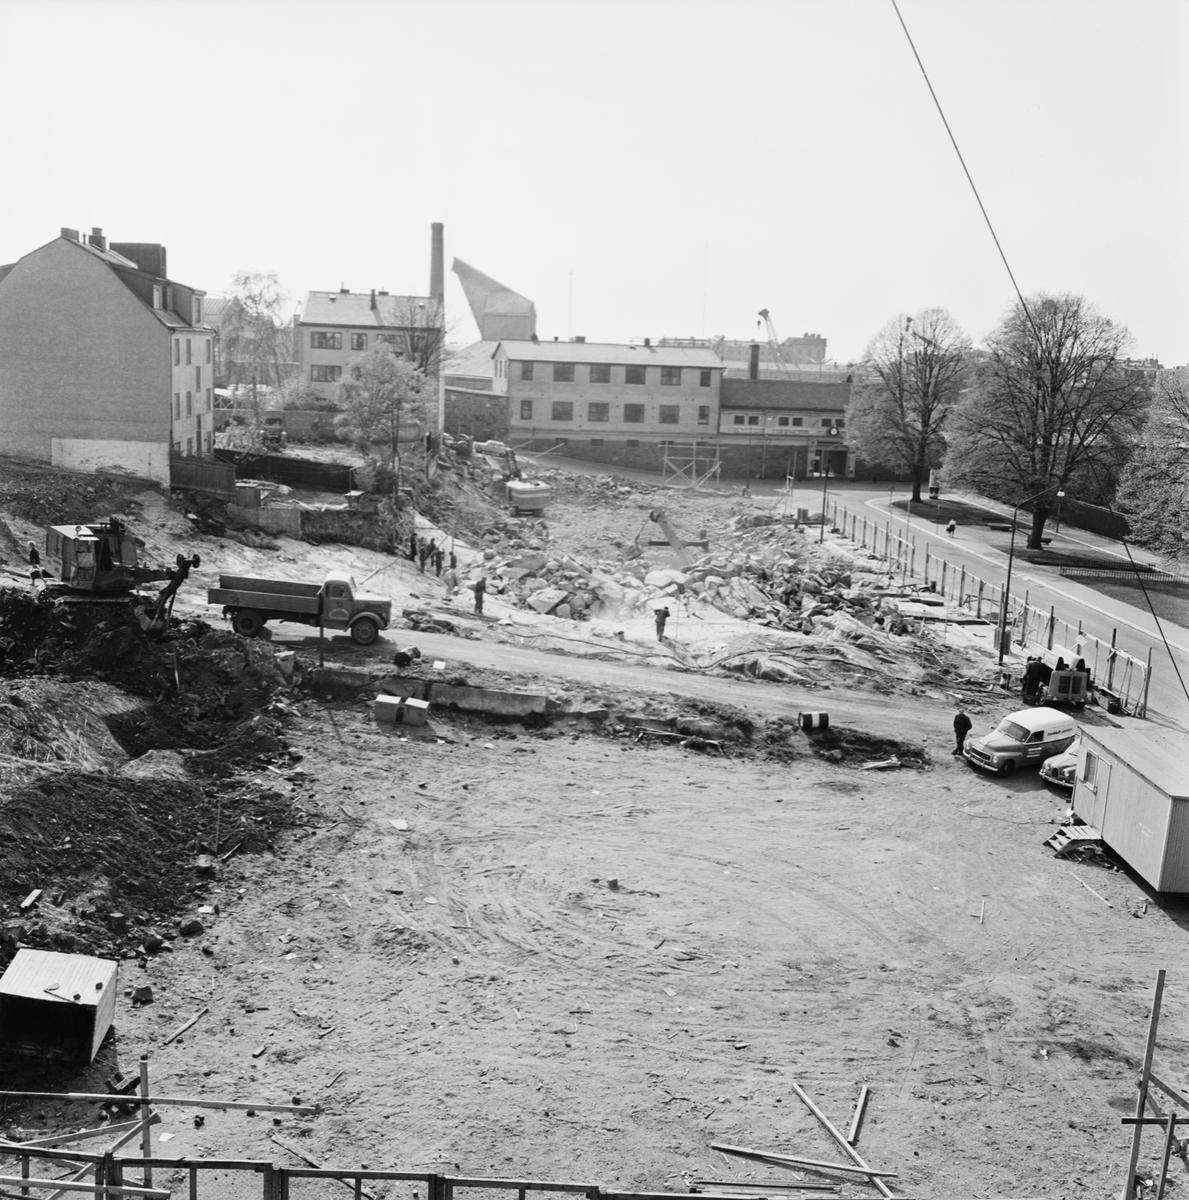 Övrigt: Foto datum: 28/5 1965 Byggnader och kranar Kvarteret pollux